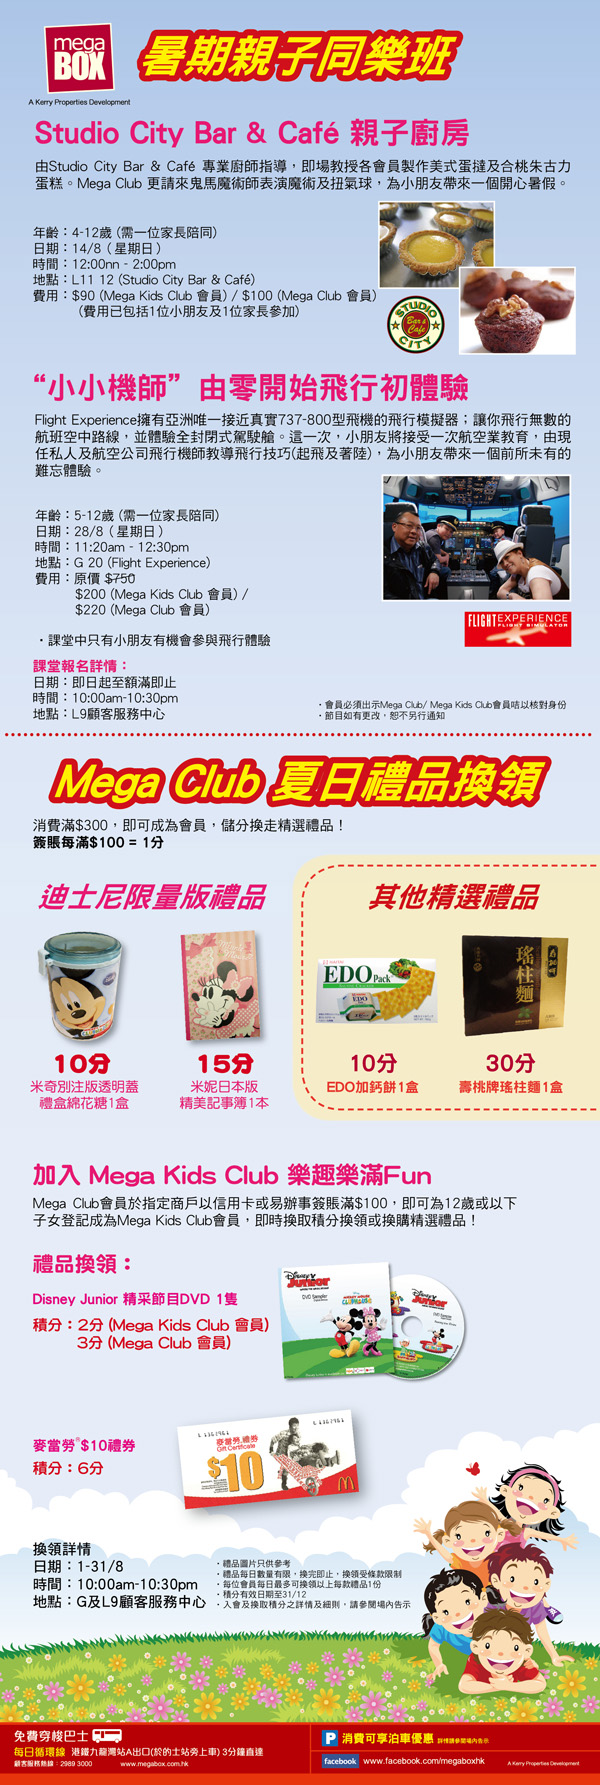 Mega Club 1.4 i